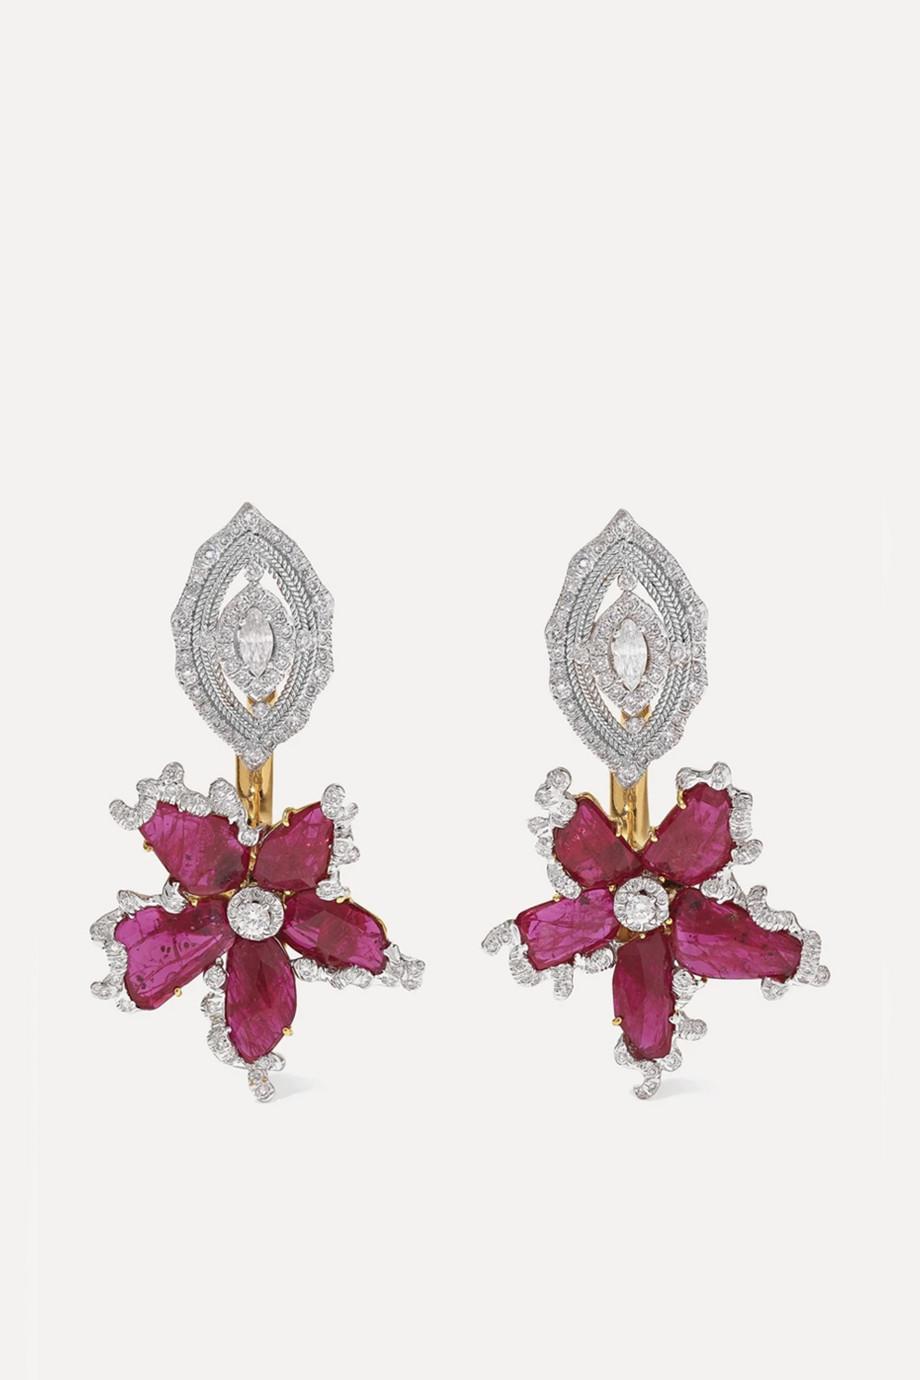 Bina Goenka Boucles d'oreilles en or 18 carats, rubis et diamants